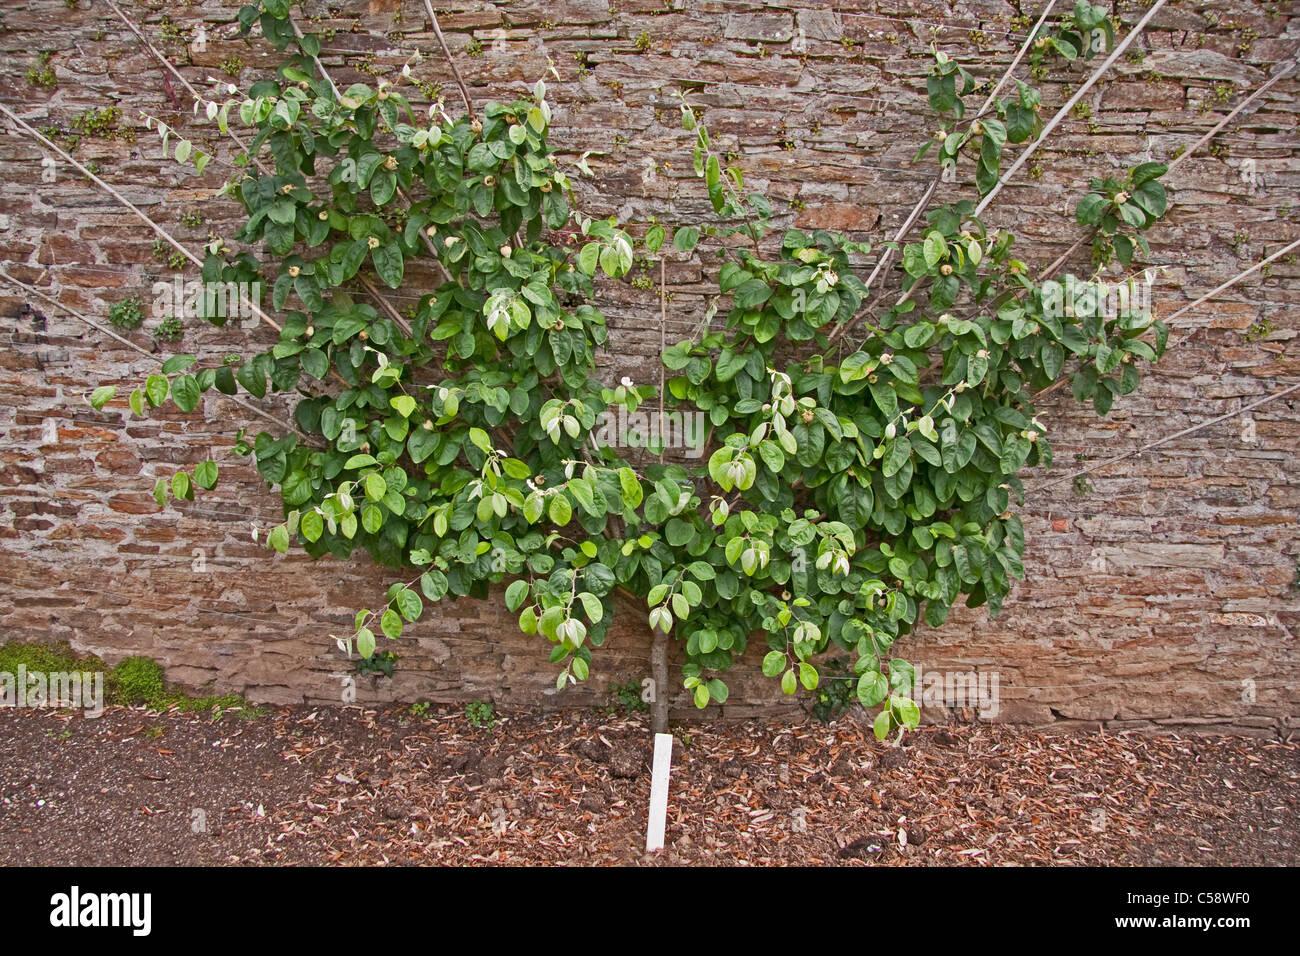 Quitte Baum (Meeches Prolific) Lüfter gegen alte Mauer ausgebildet Stockbild